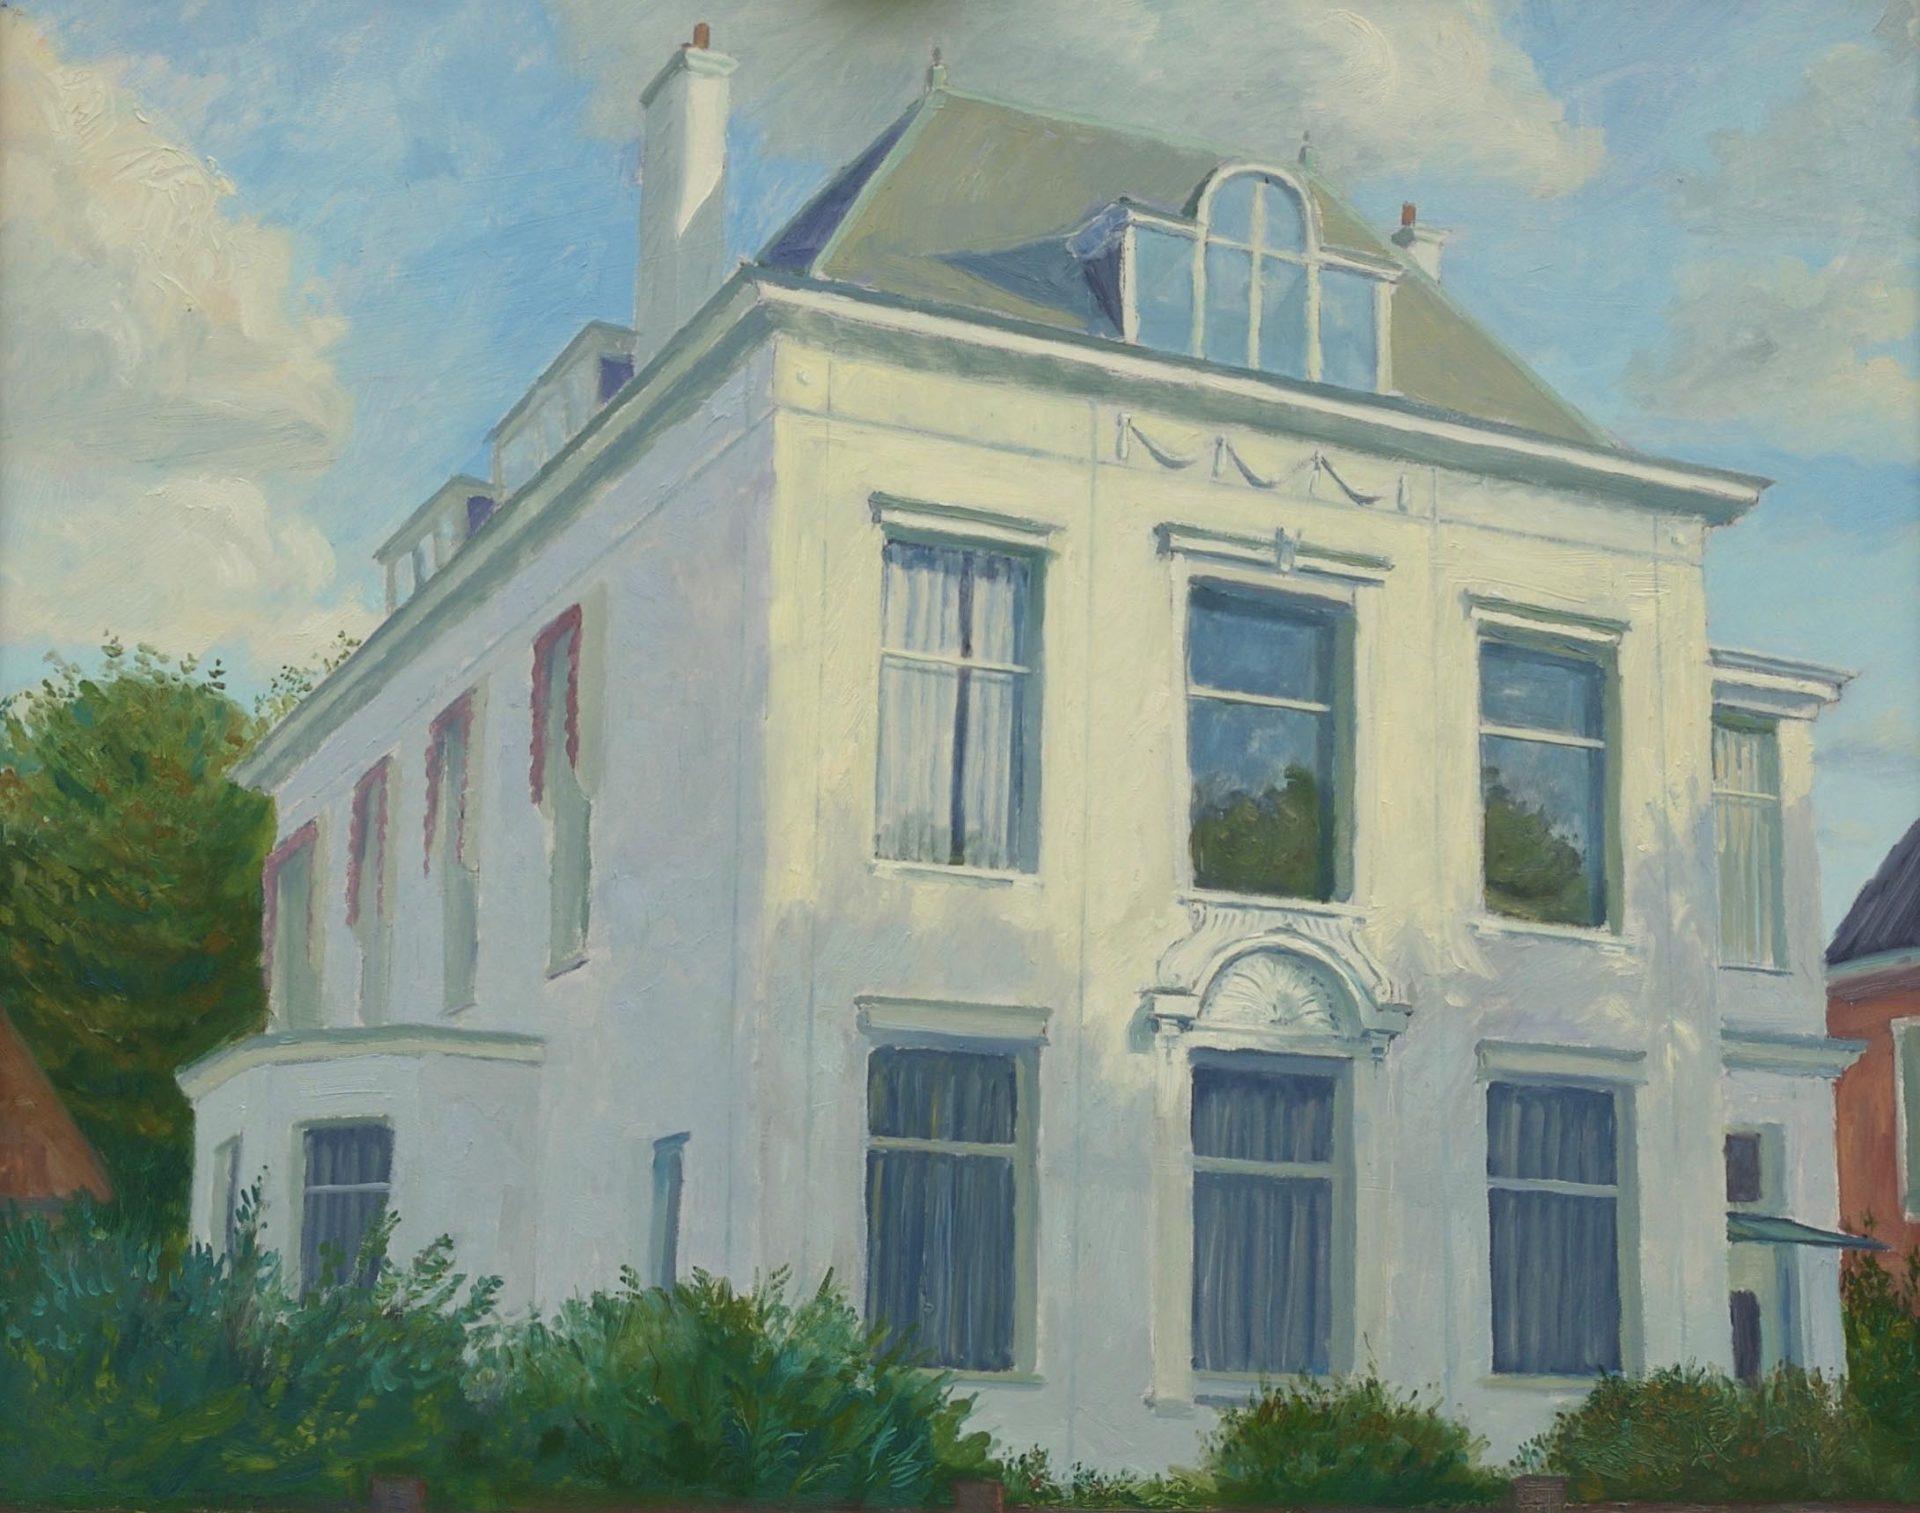 Huisportret in opdracht, zonnig olieverf schilderij van woonhuis, kantoorpand , aandenken aan woonhuis,impressie in olieverf